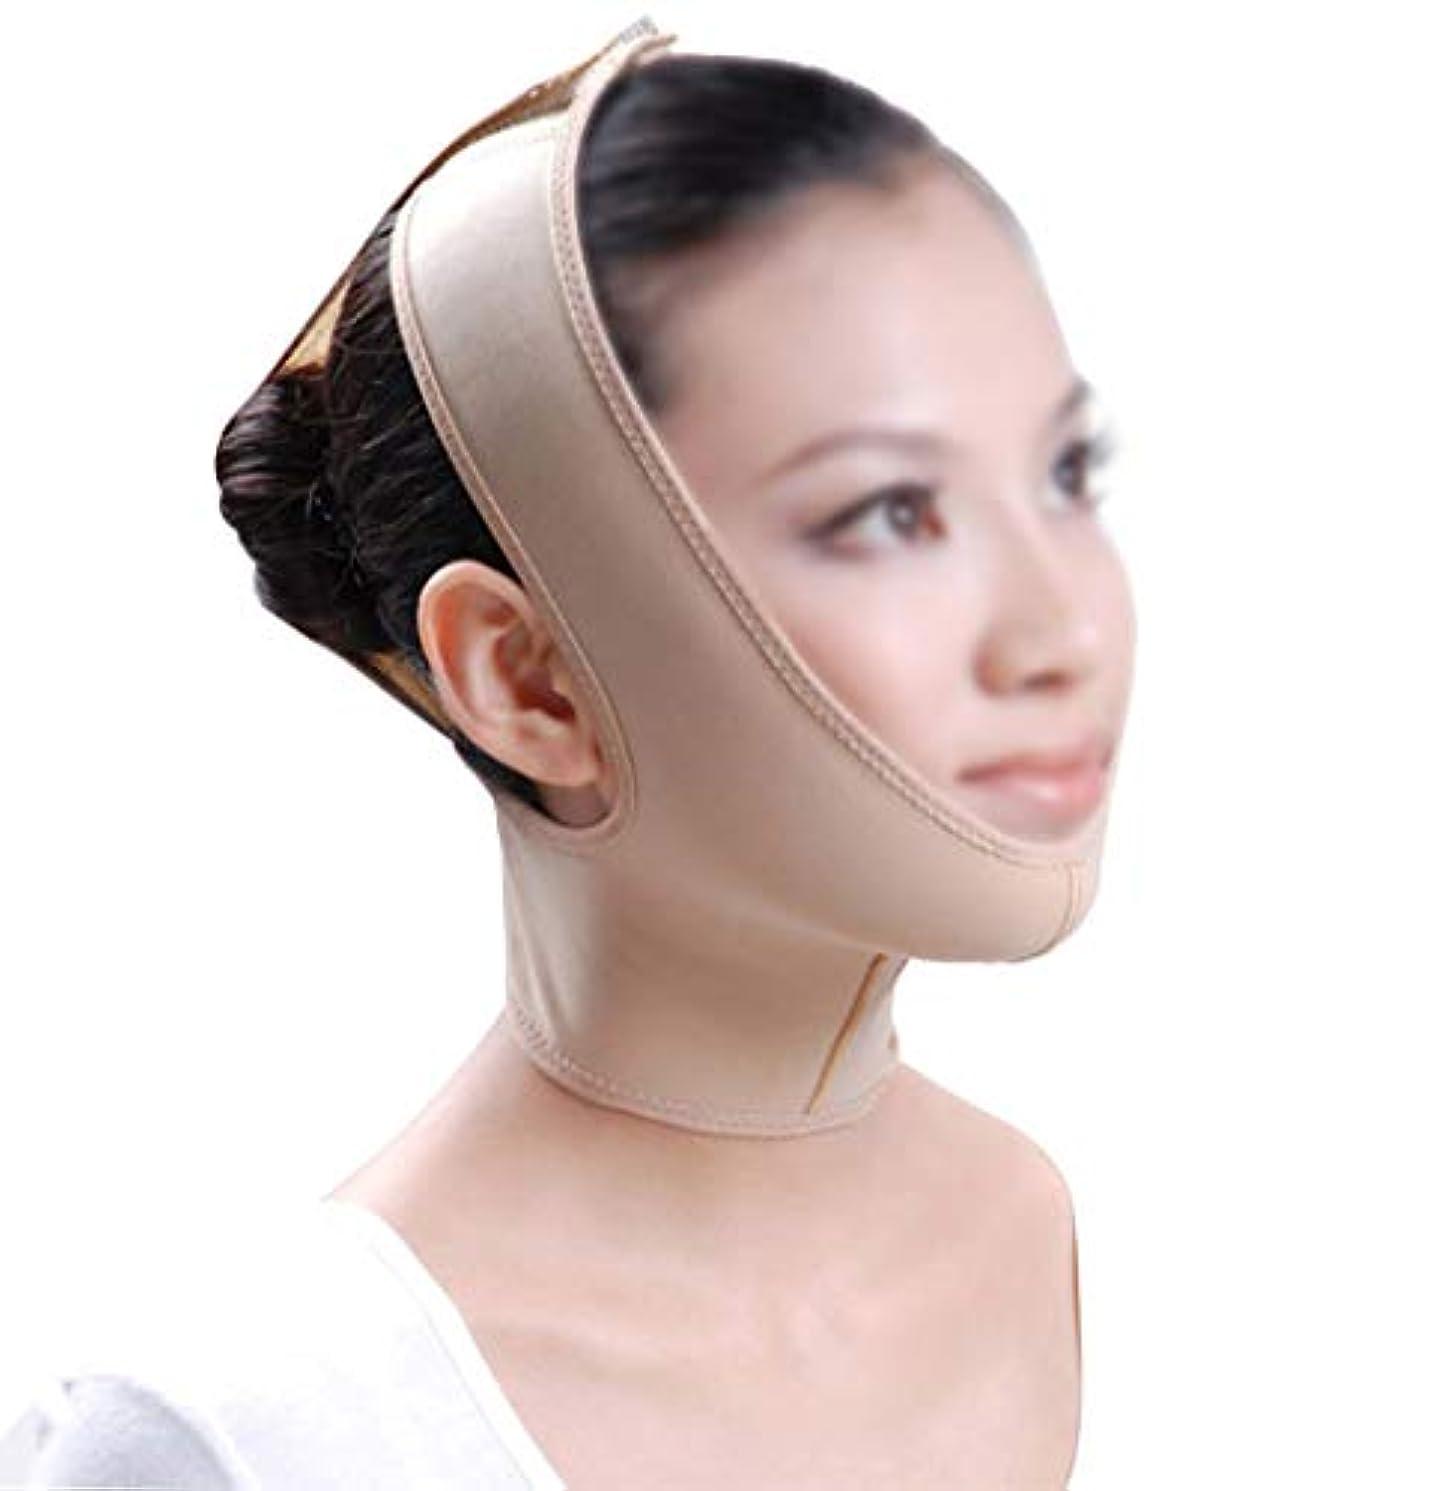 真鍮独立した染料XHLMRMJ 引き締めフェイスマスク、フェイスマスク強力なフェイスリフティングリハビリ弾性顔フェイスリフティング引き締め首あごシェイプリハビリジョースリーブ (Size : S)